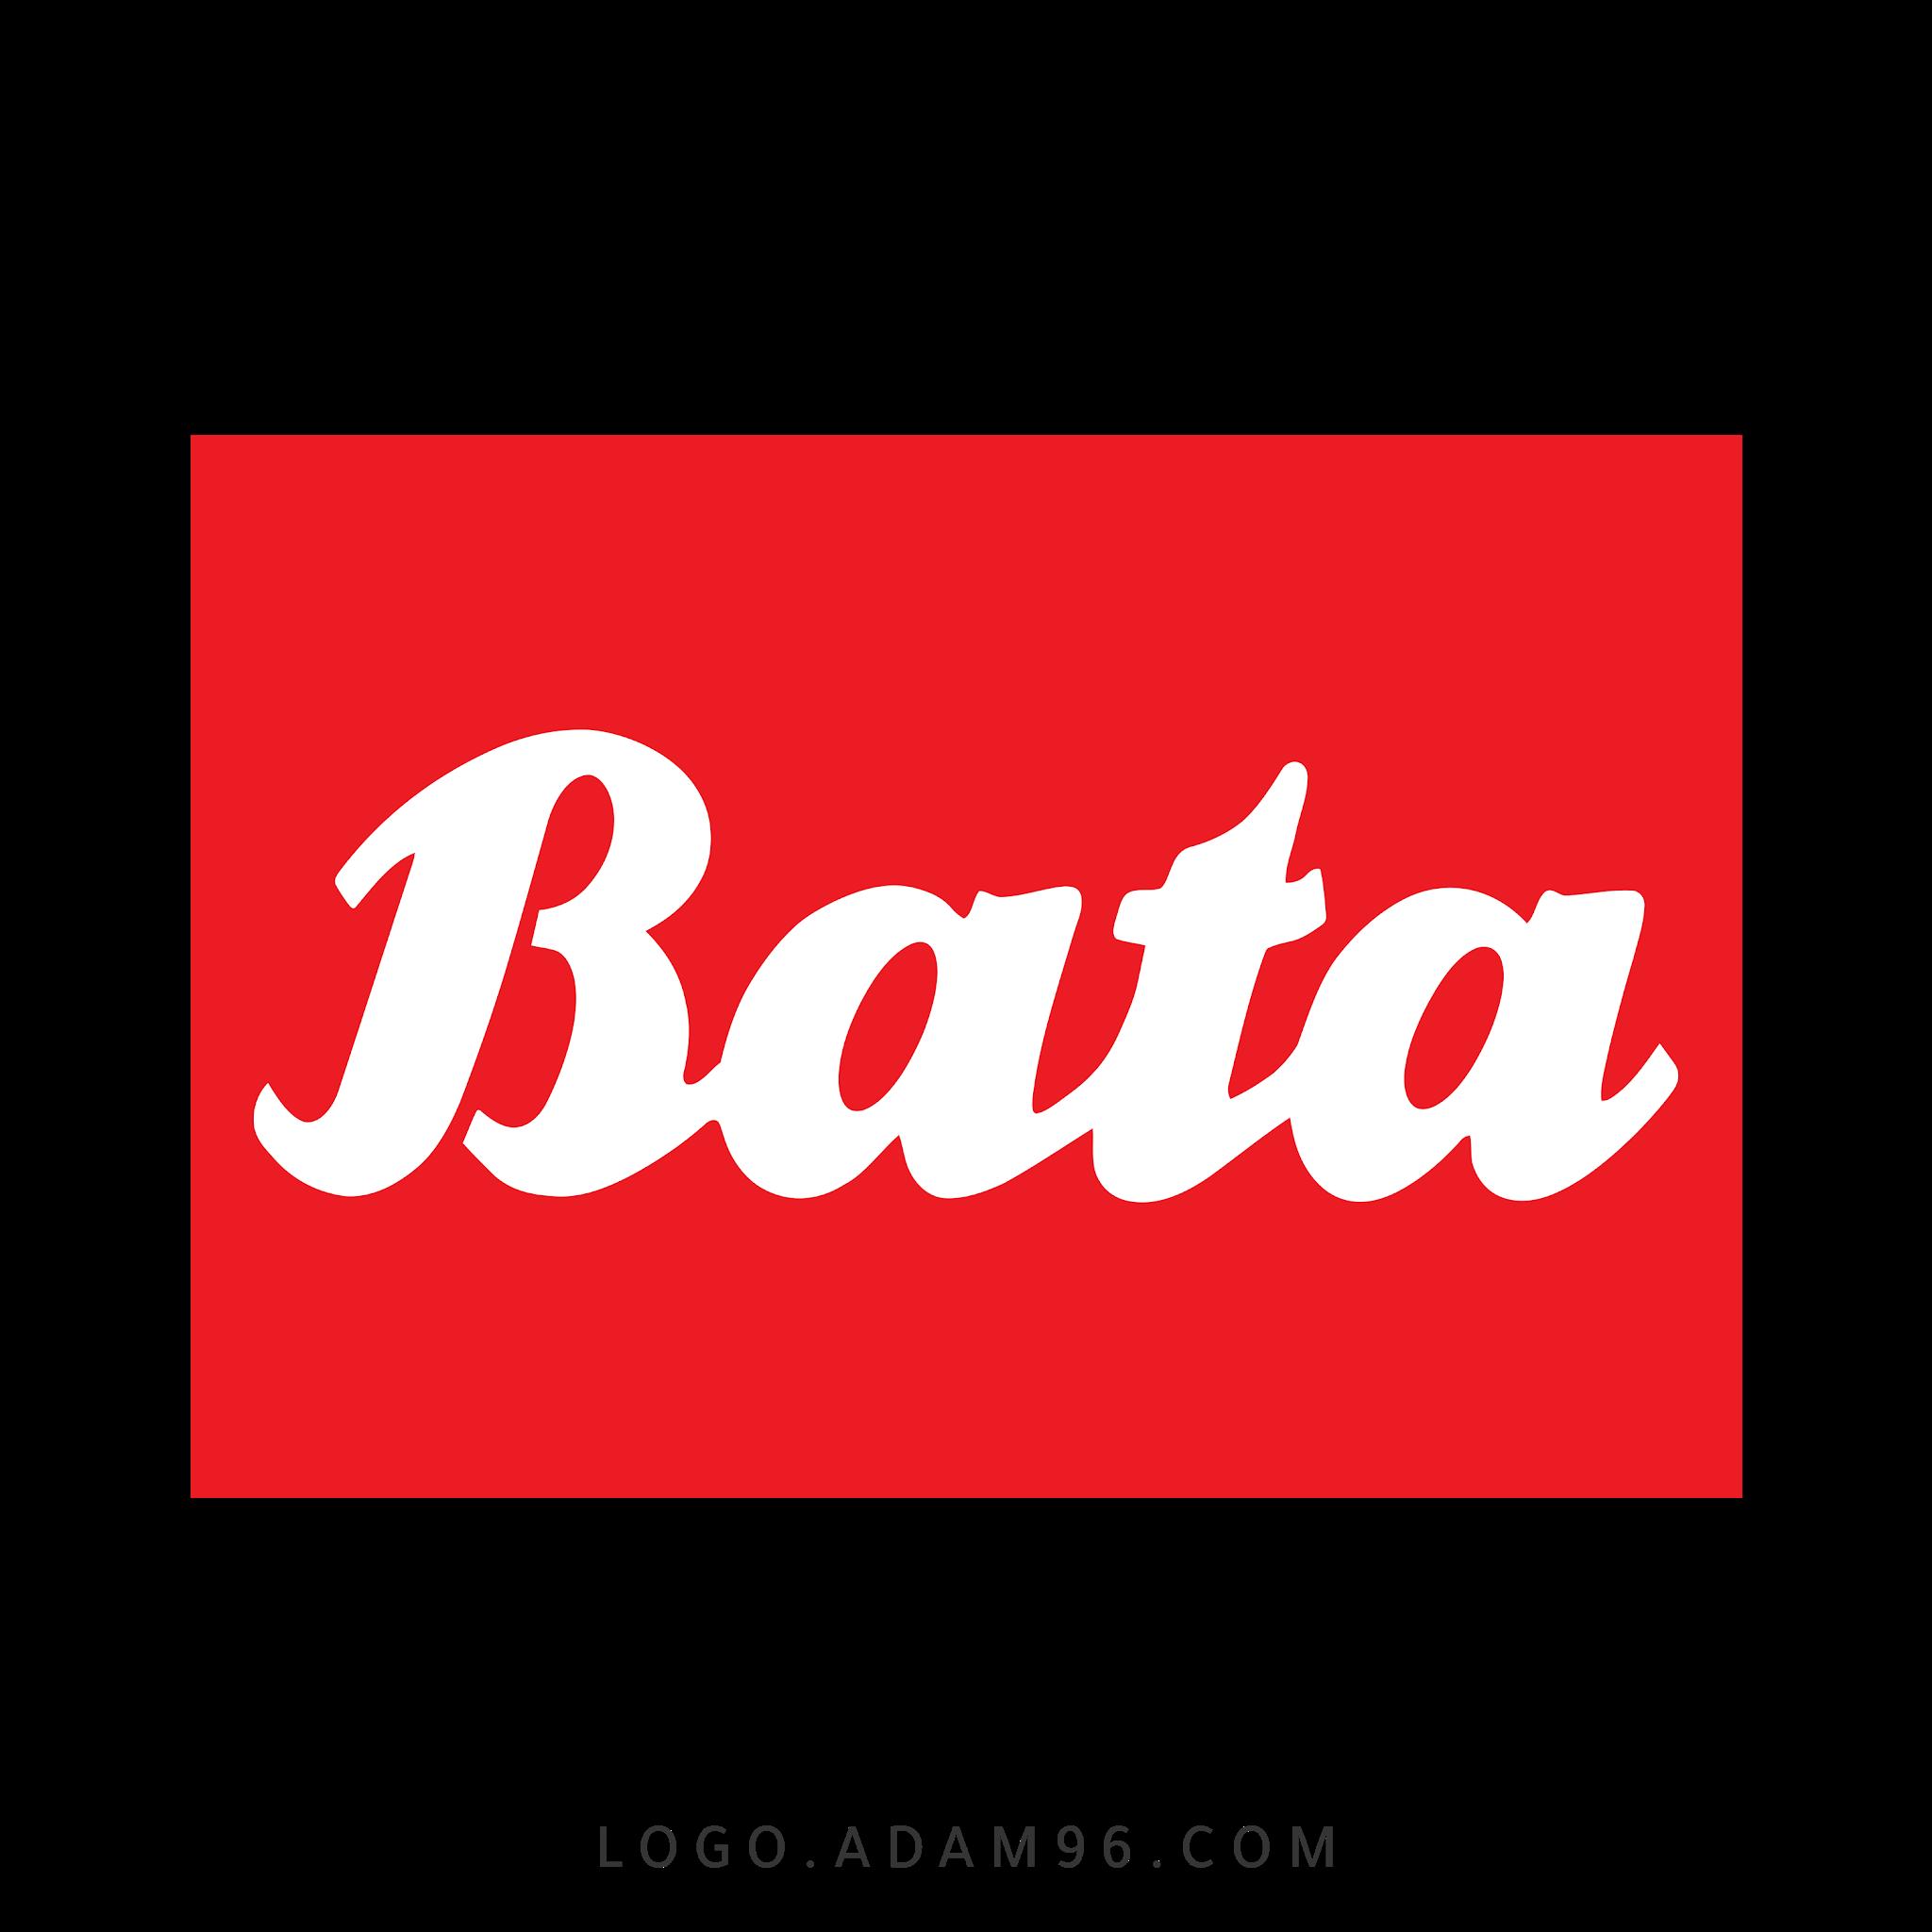 تحميل شعار أحذية باتا لوجو بصيغة شفافة Logo Bata Shoes PNG